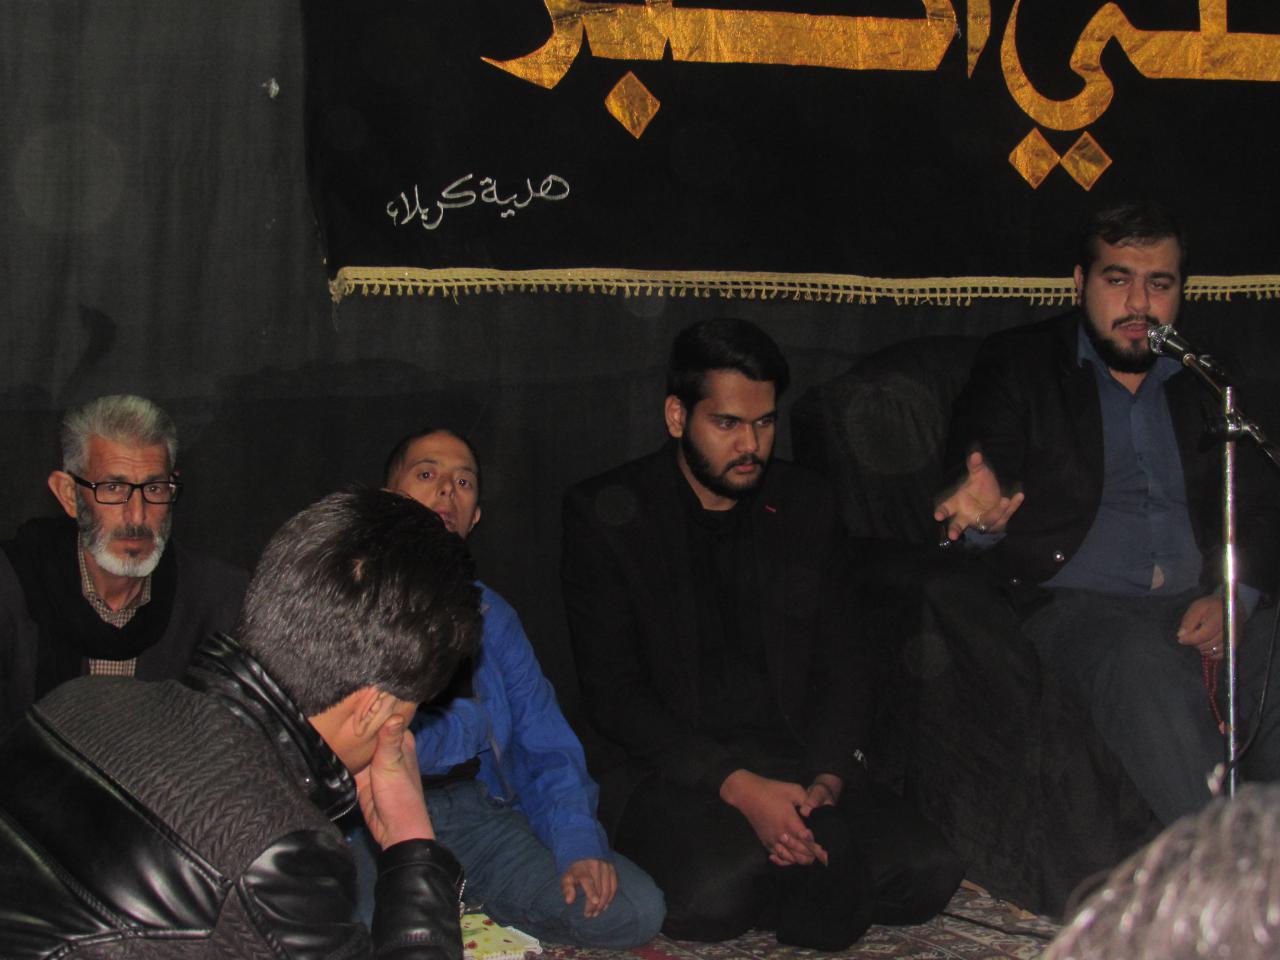 مراسم سوگواری  شهادت  امام هادی علیه السلام در محله صادقیون